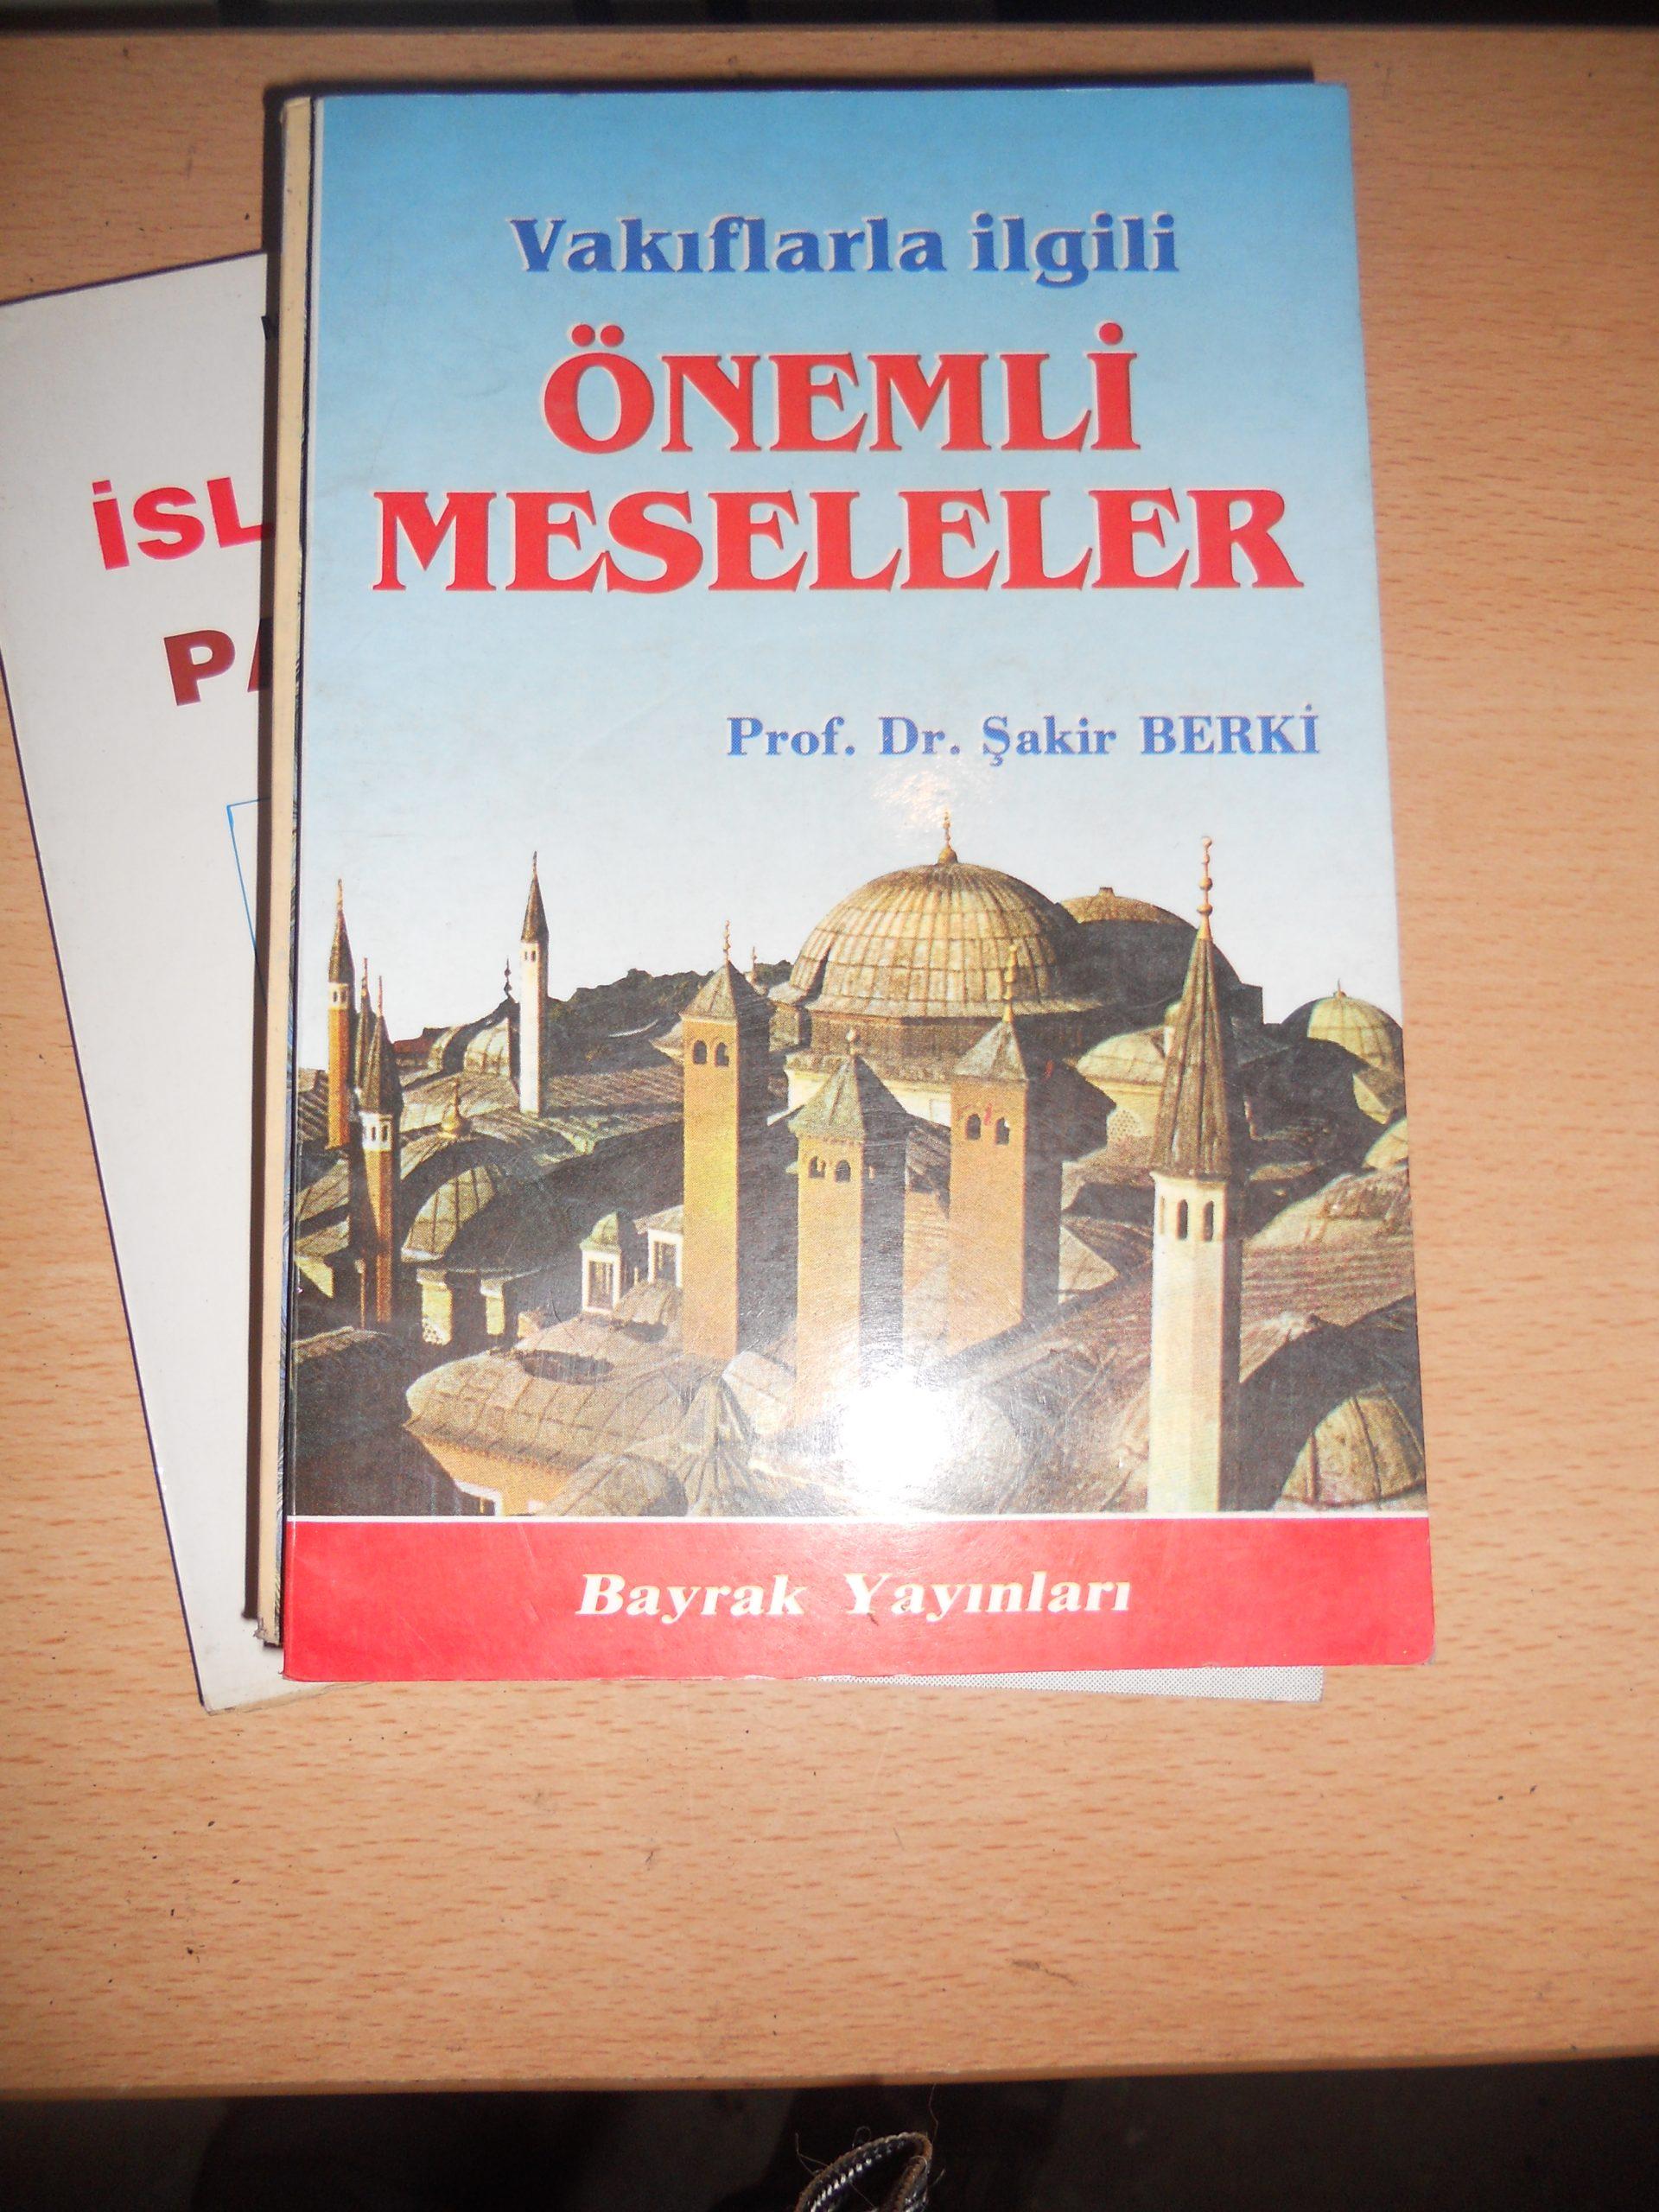 VAKIFLARLA İLGİLİ ÖNEMLİ MESELELER/Şakir BERKİ/ 15 TL